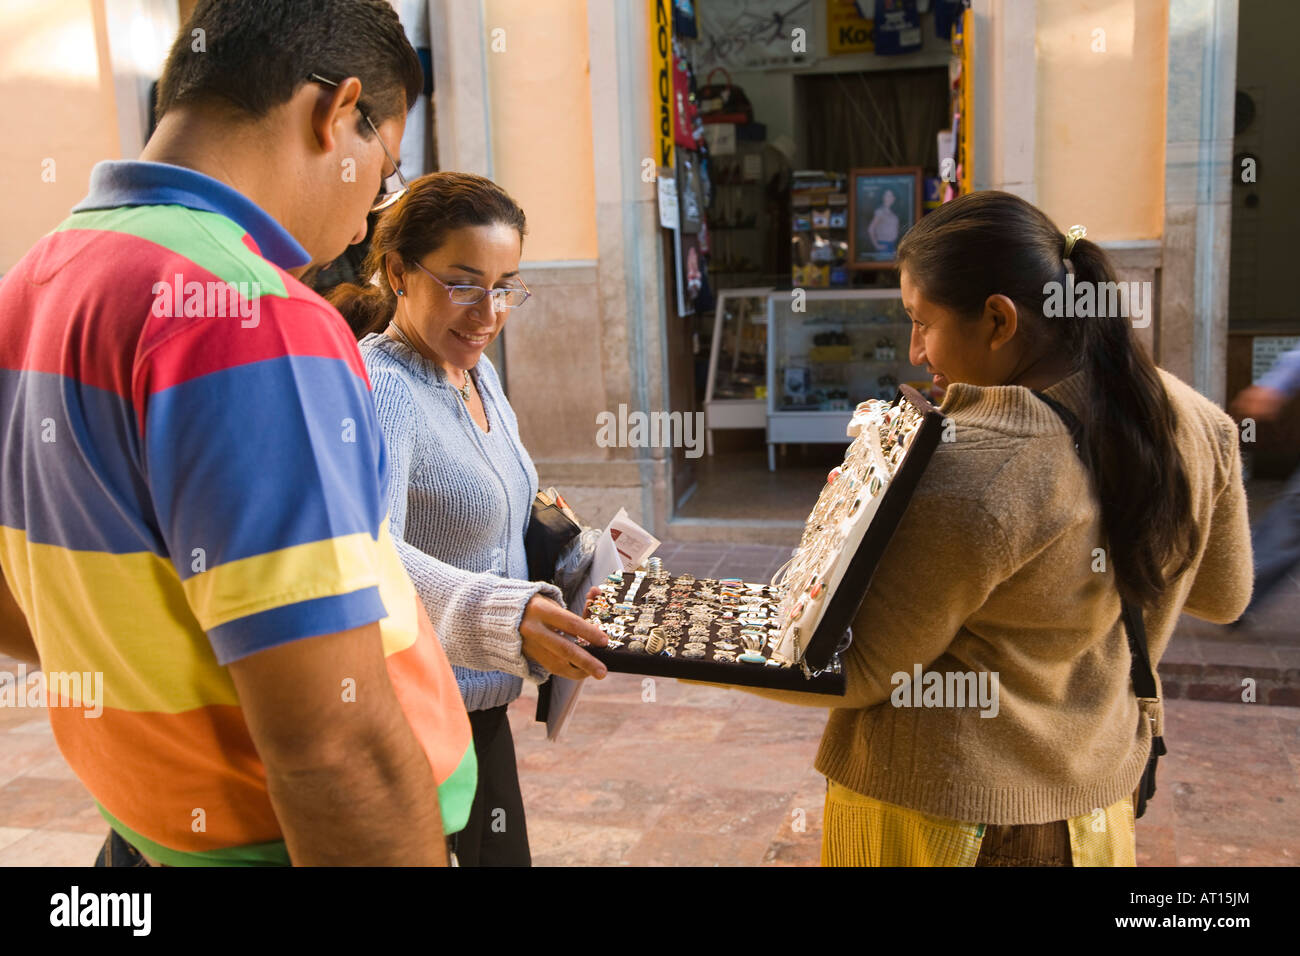 e5d005f7df74 México Guanajuato hombre y mujer mire joyería de plata mexicana vender  mercancías en las calles